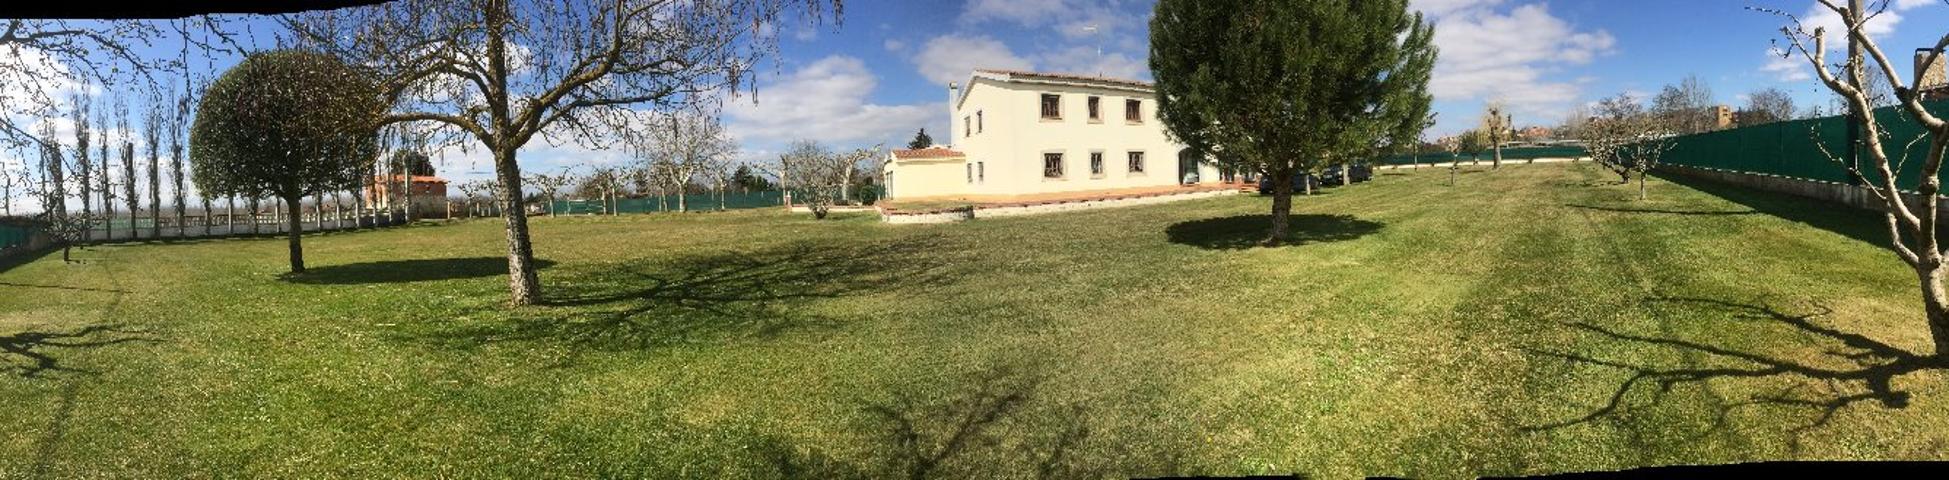 Casa En venta en Santa Cristina, Benavente photo 0